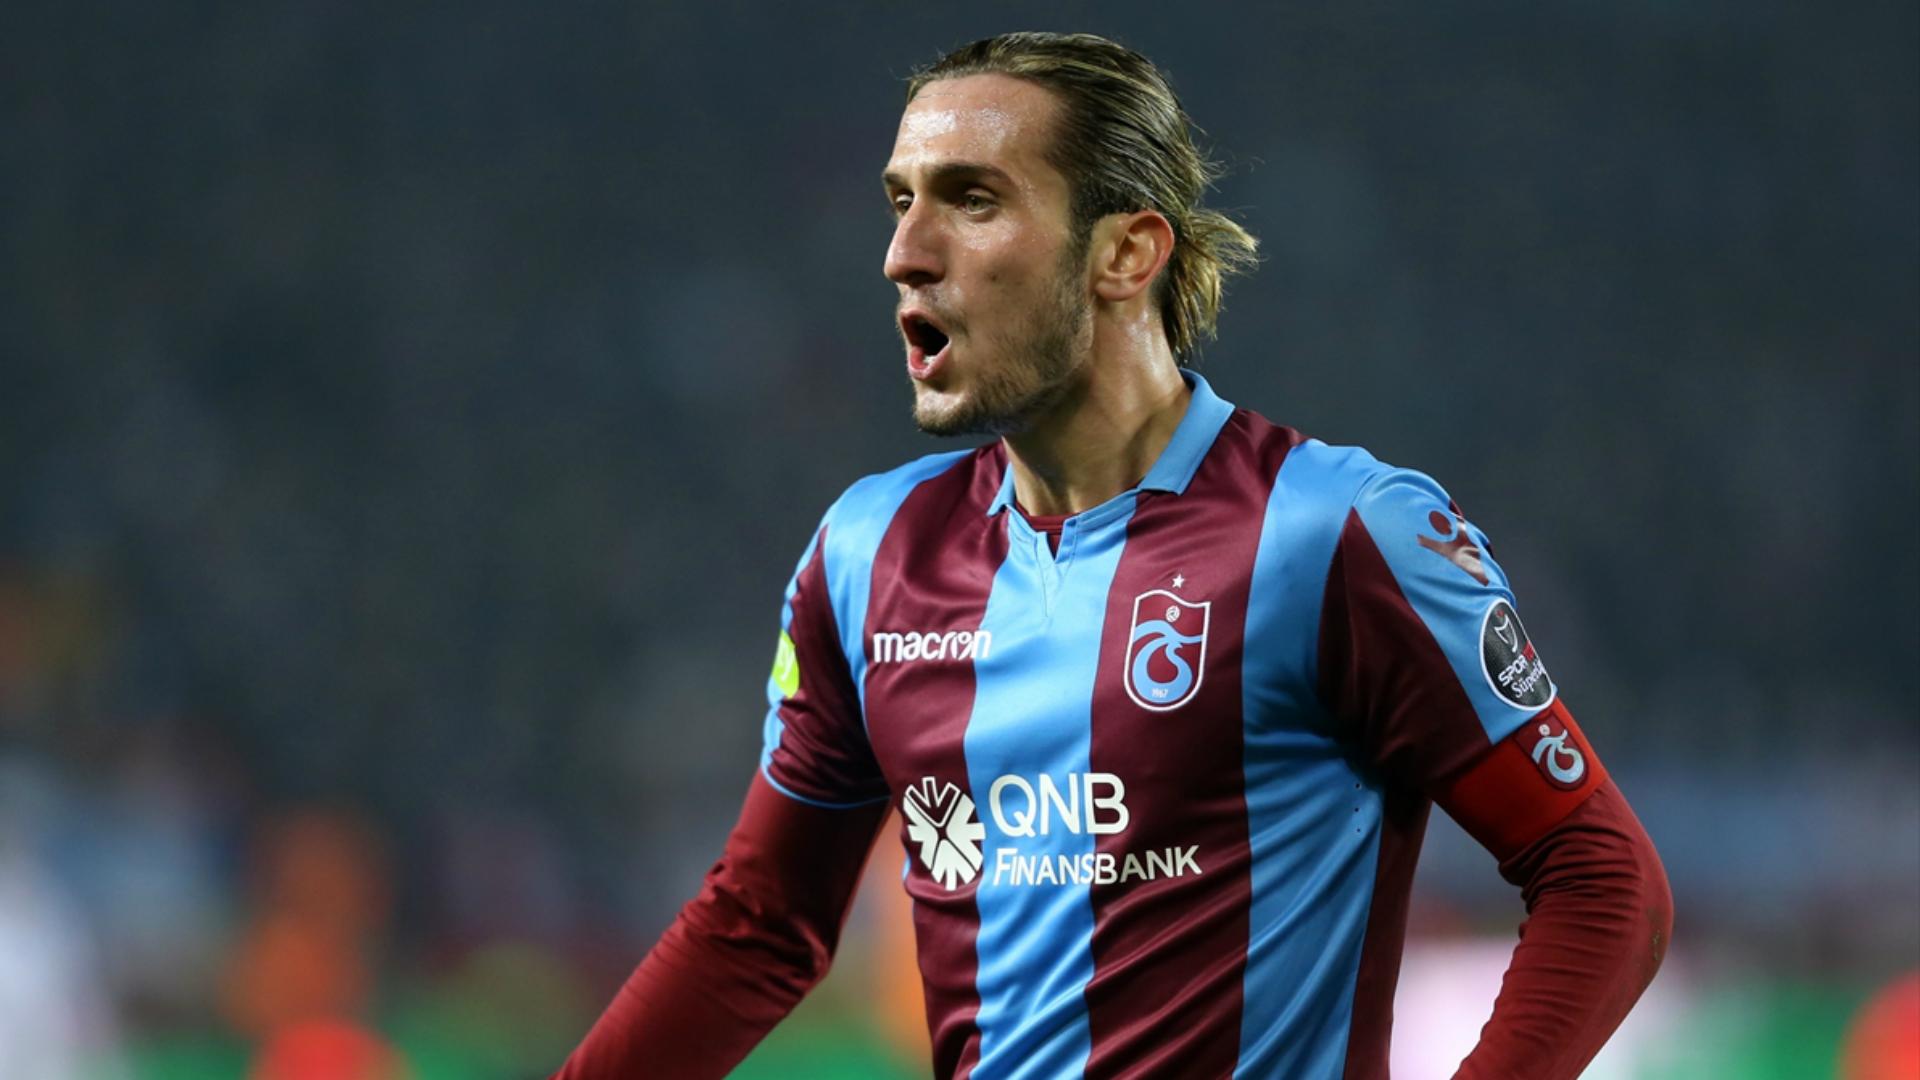 Mercato - L'offre du LOSC pour Yusuf Yazici jugée insuffisante par Trabzonspor